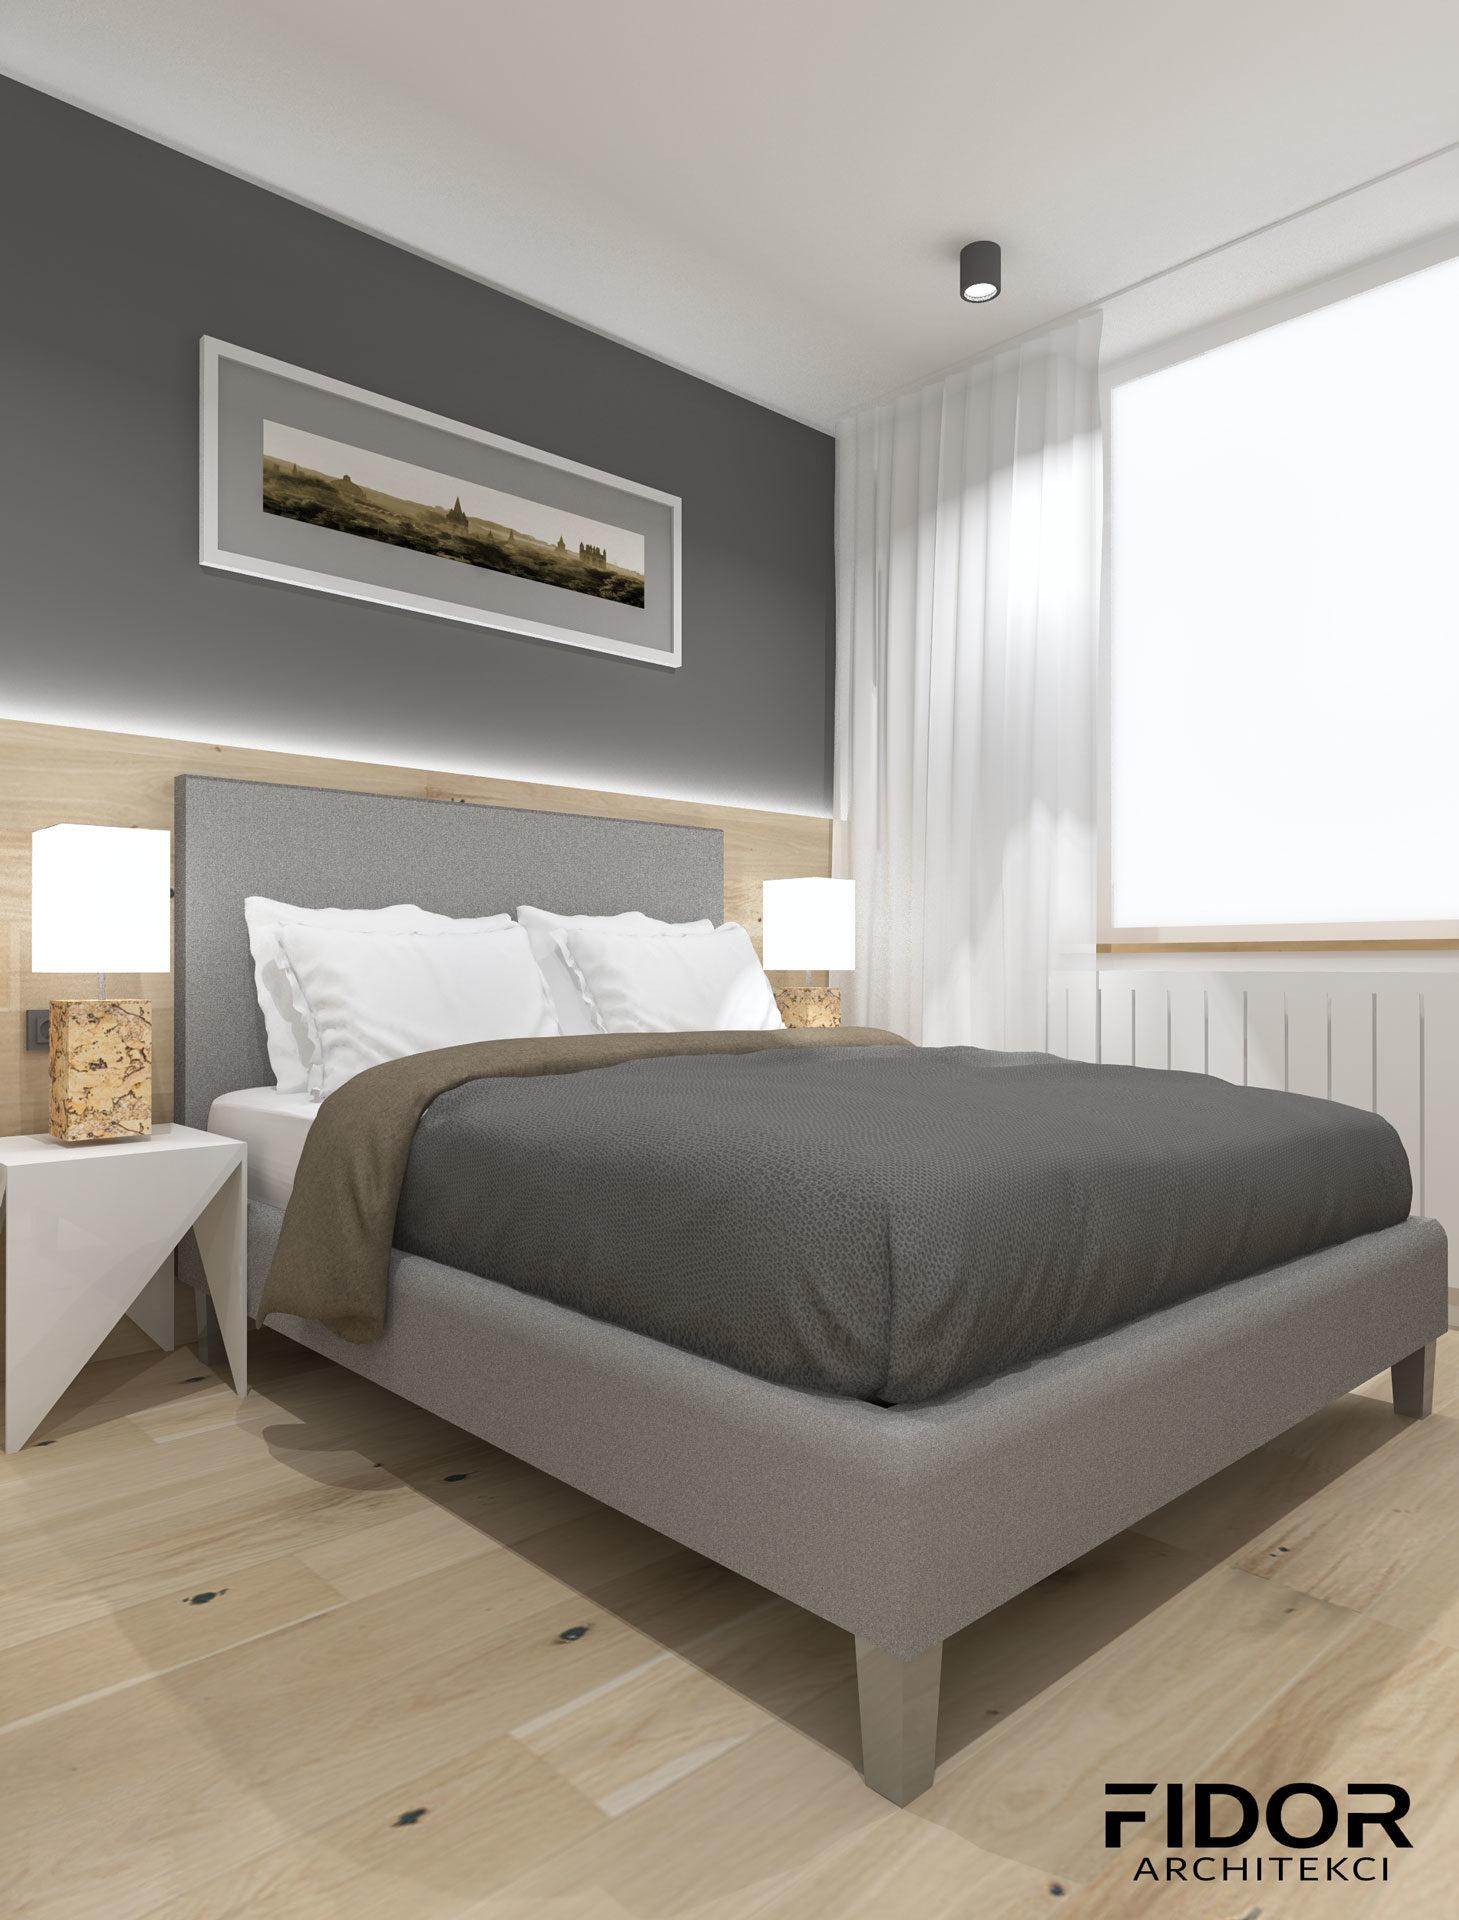 Sypialnia w stylu skandynawskim.